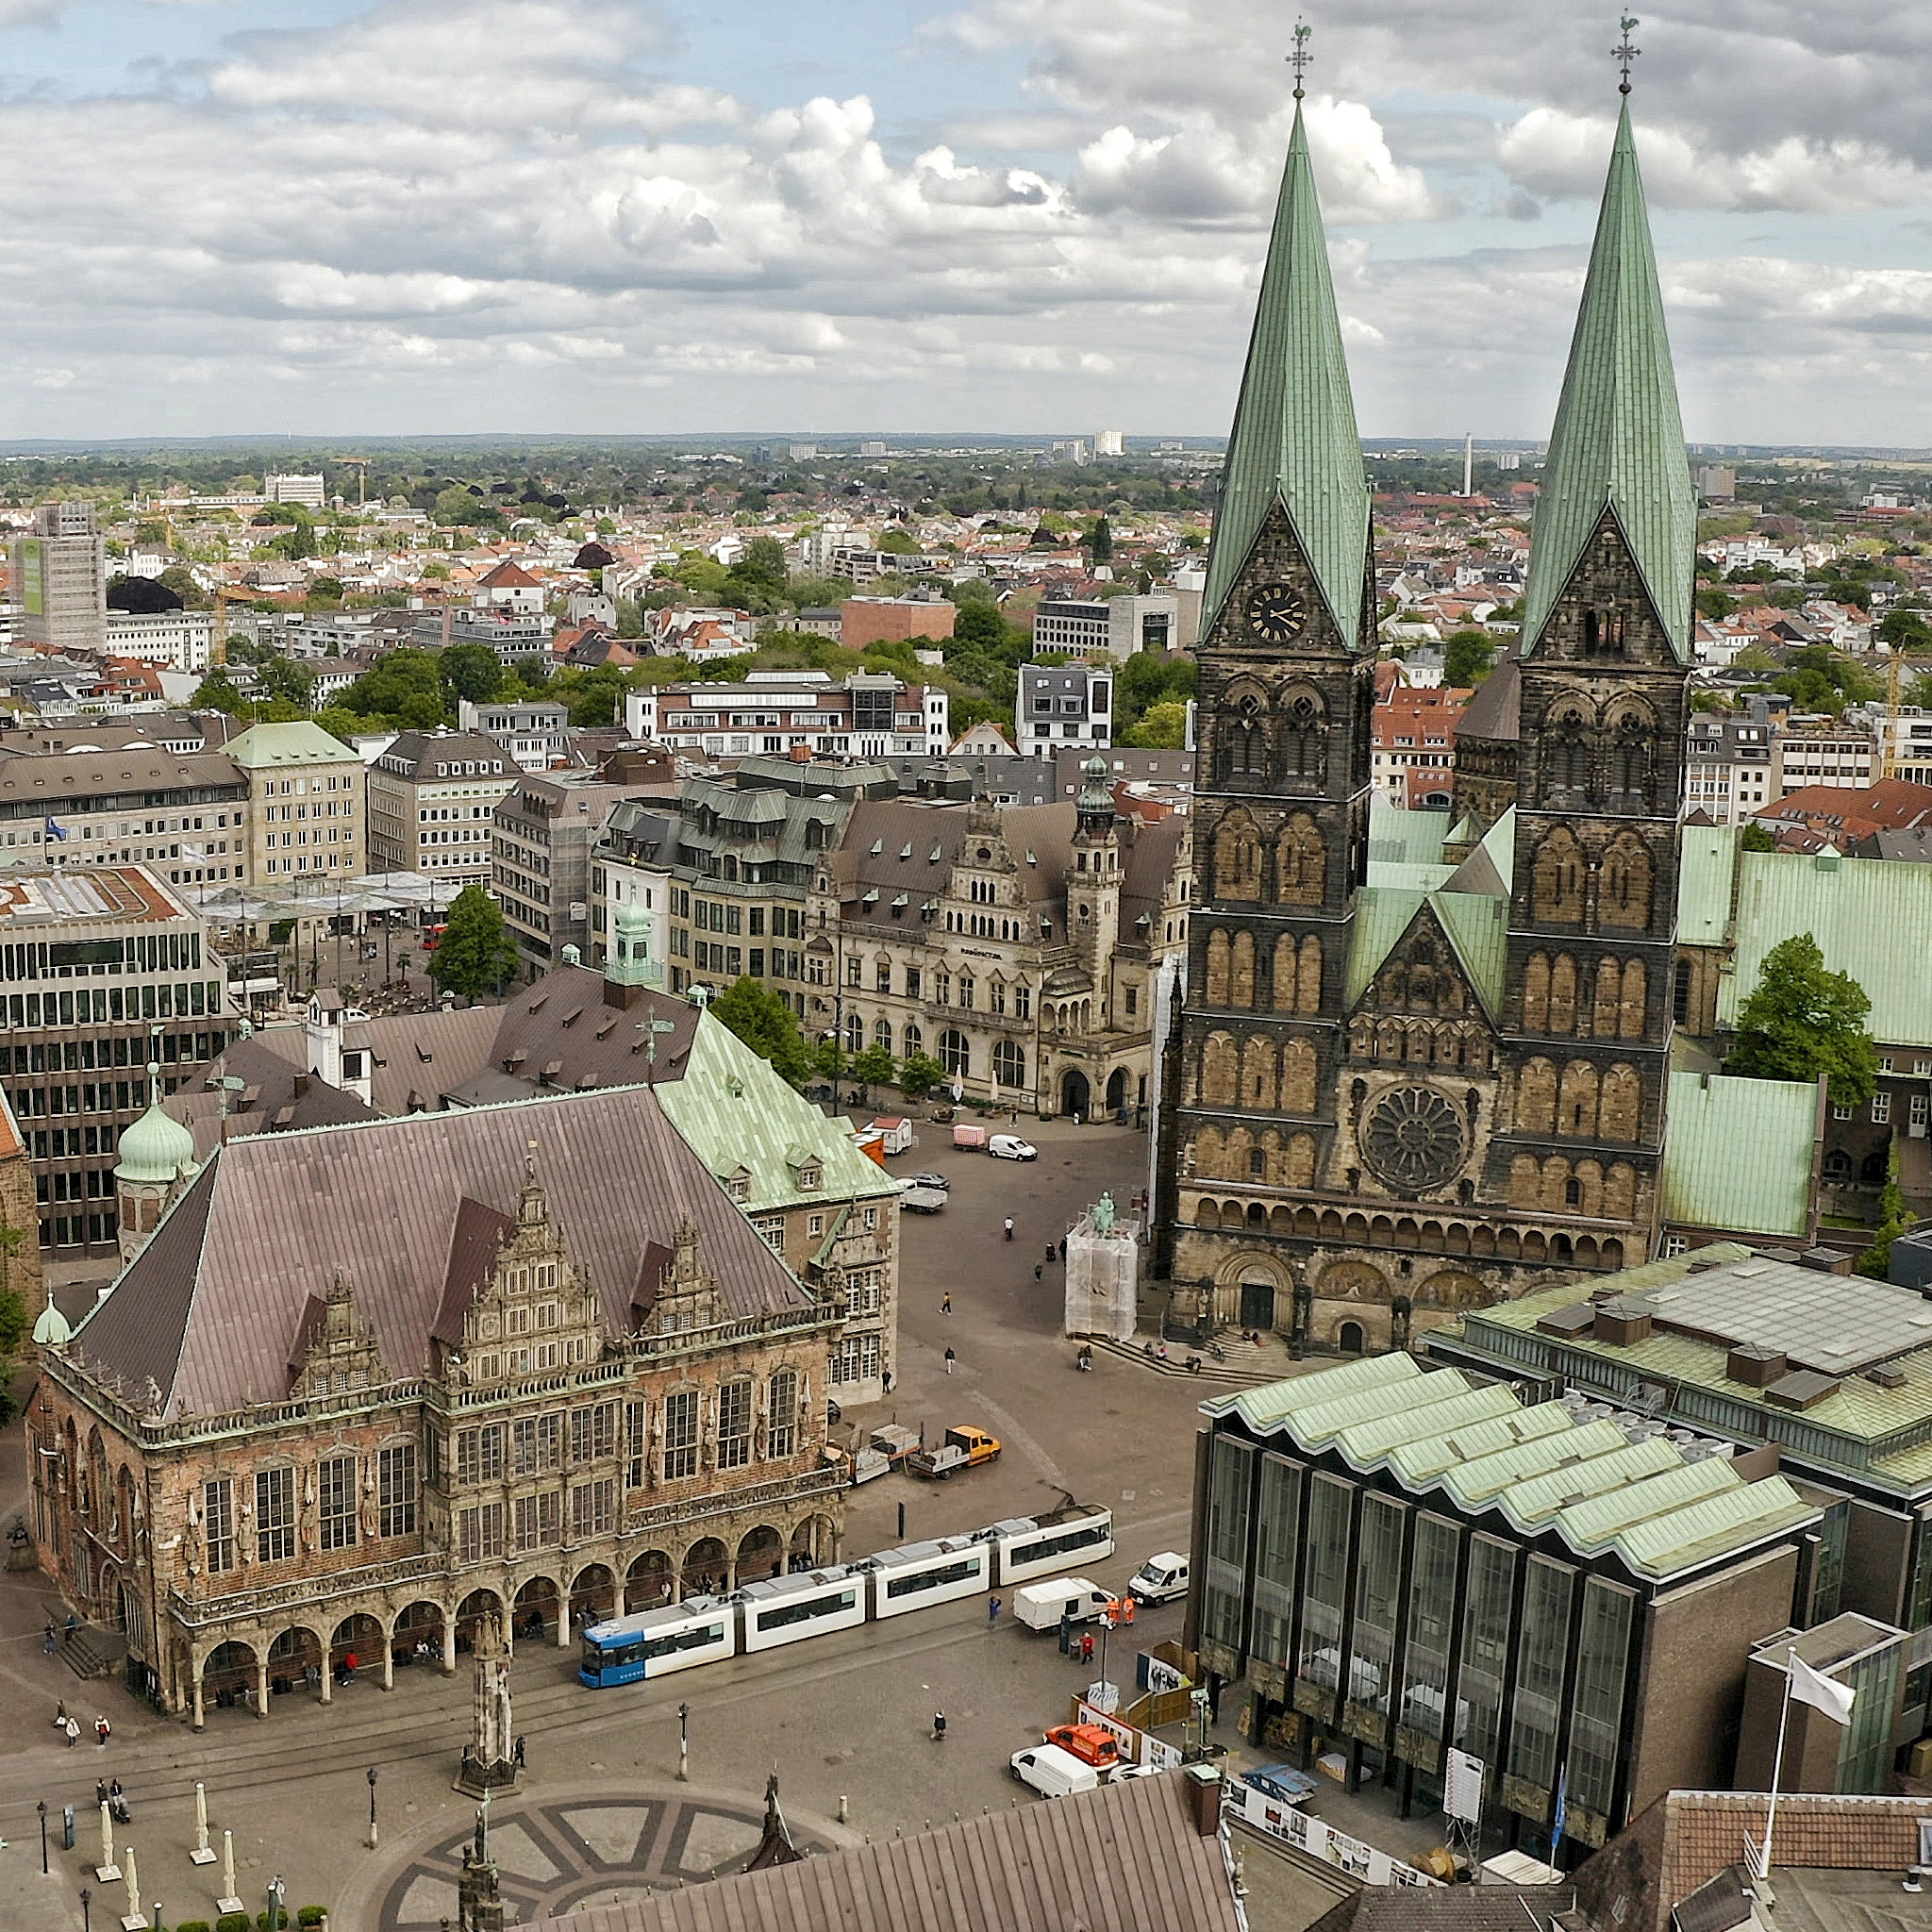 Luftaufnahme vom Marktplatz mit Rathaus, Dom und Bürgerschaft